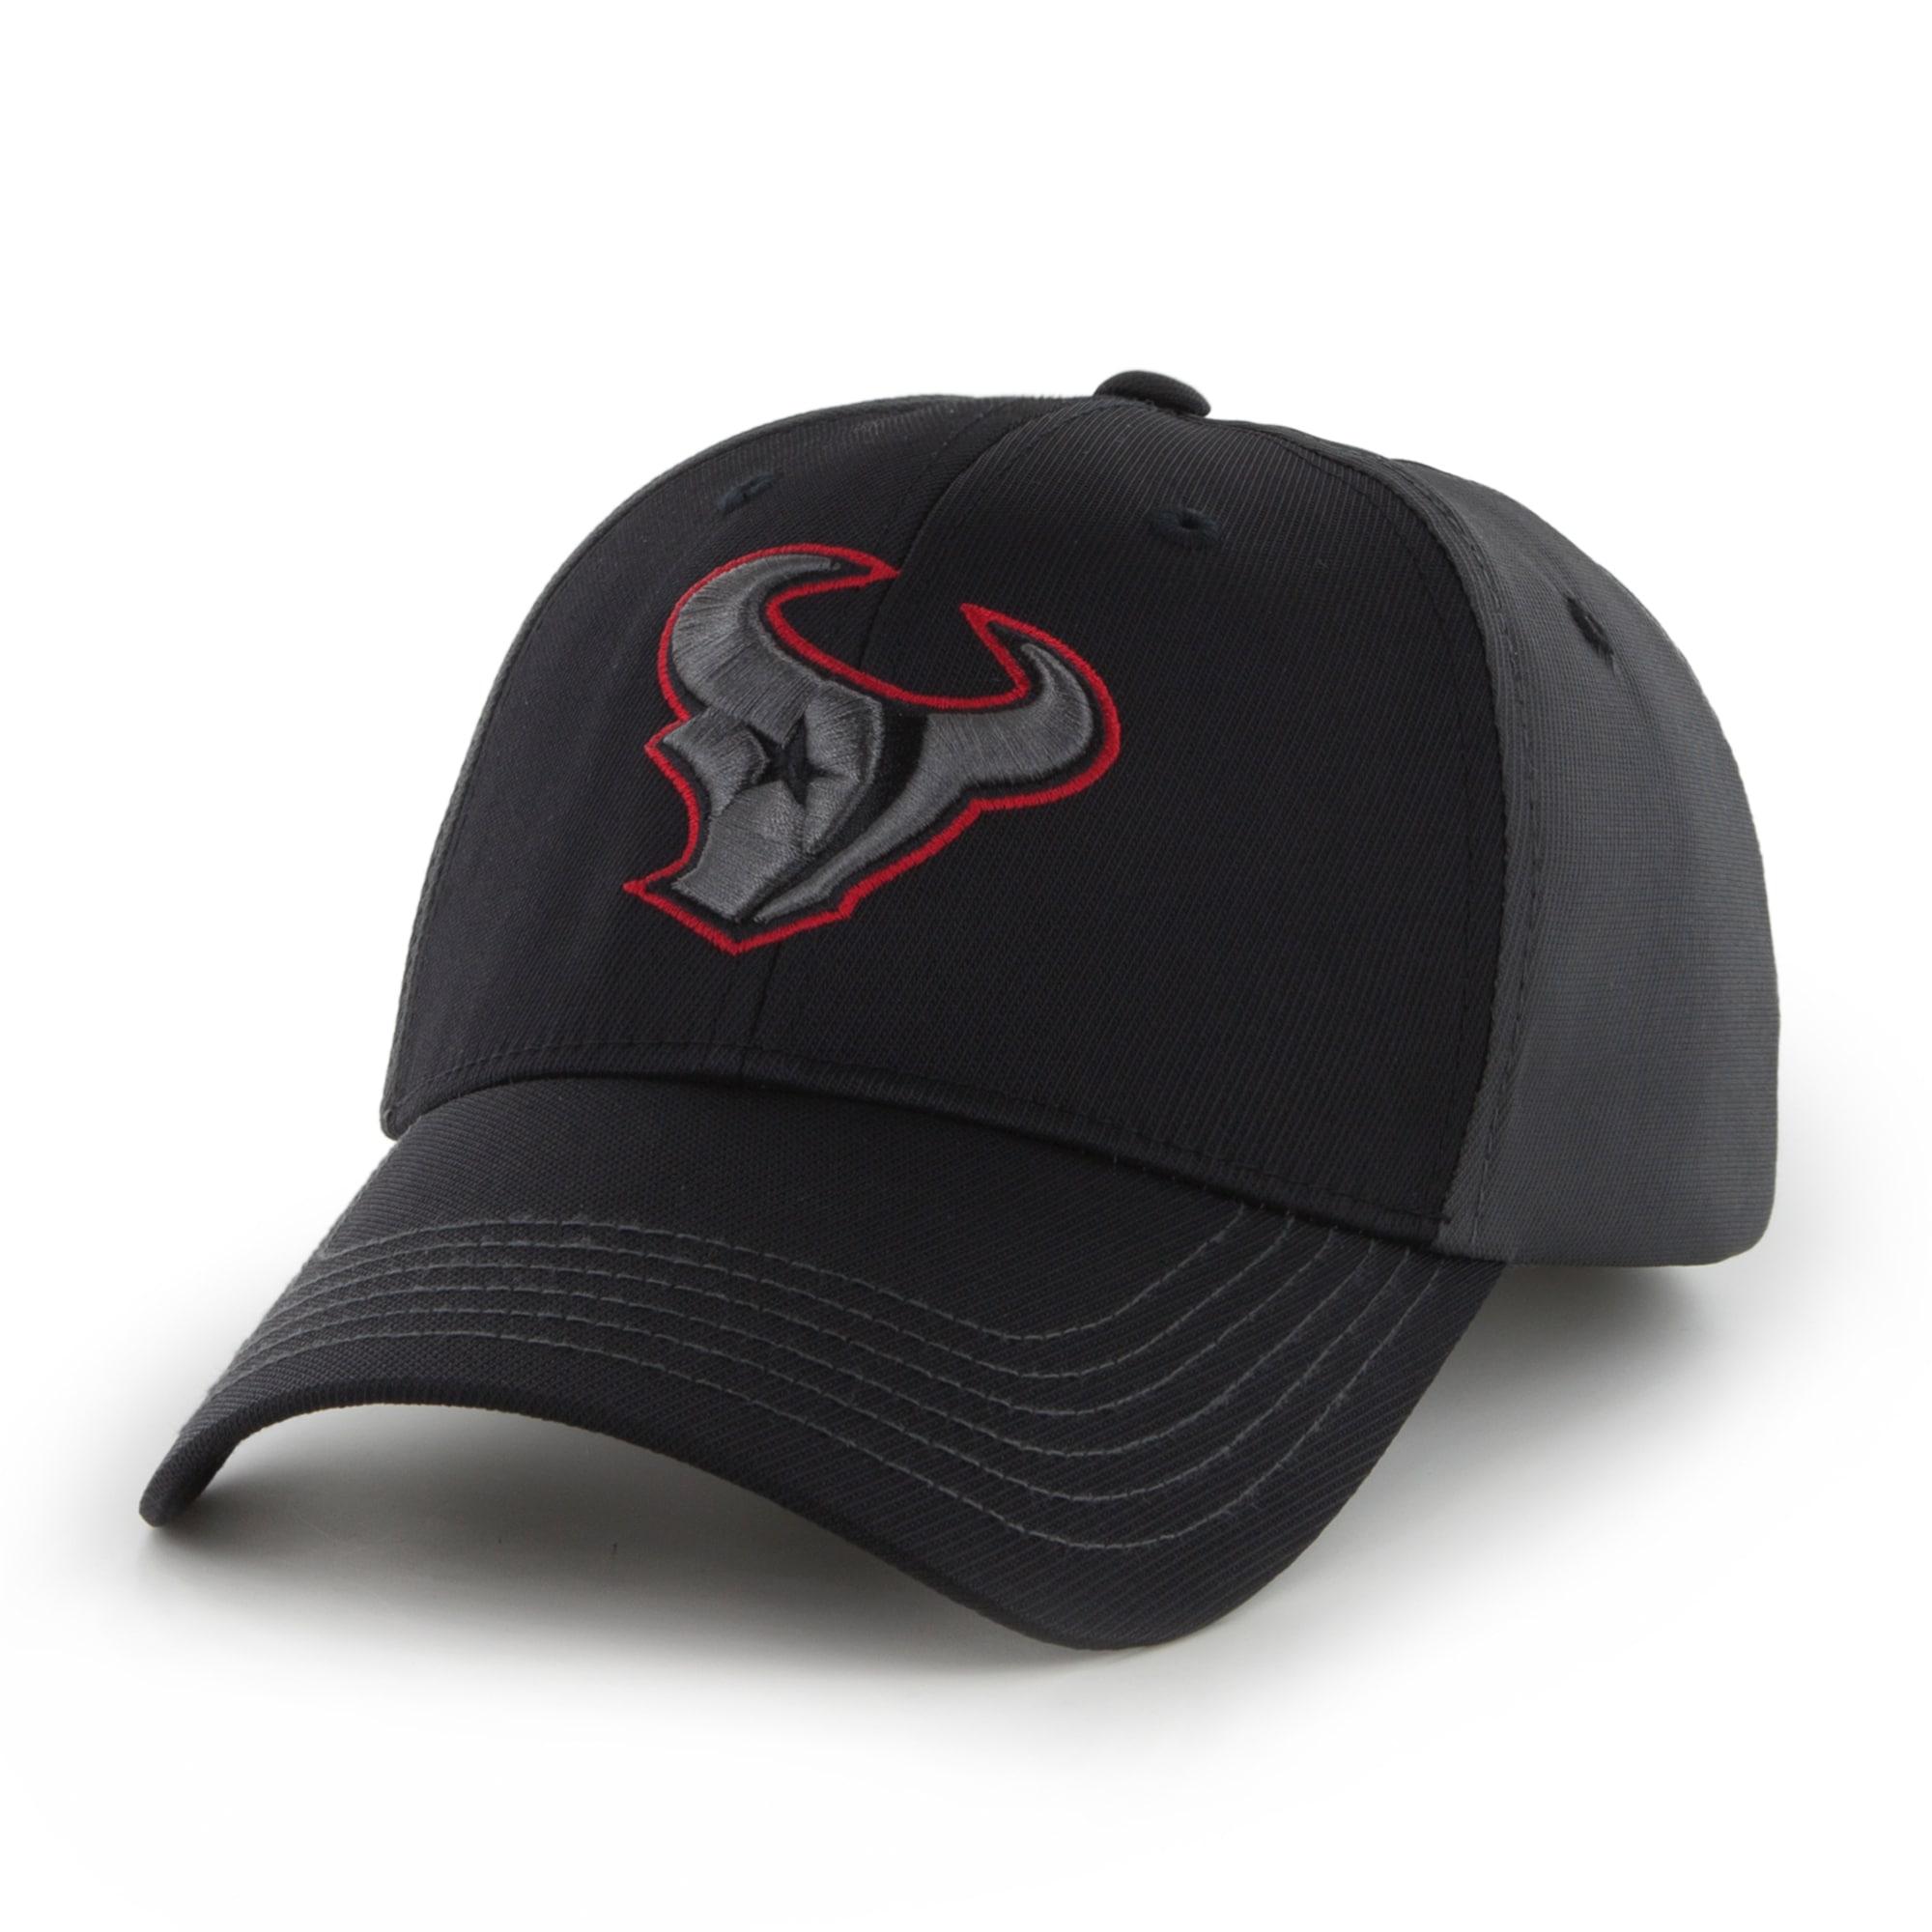 Houston Texans NFL Blackball Cap (Houston Texans), Grey c...